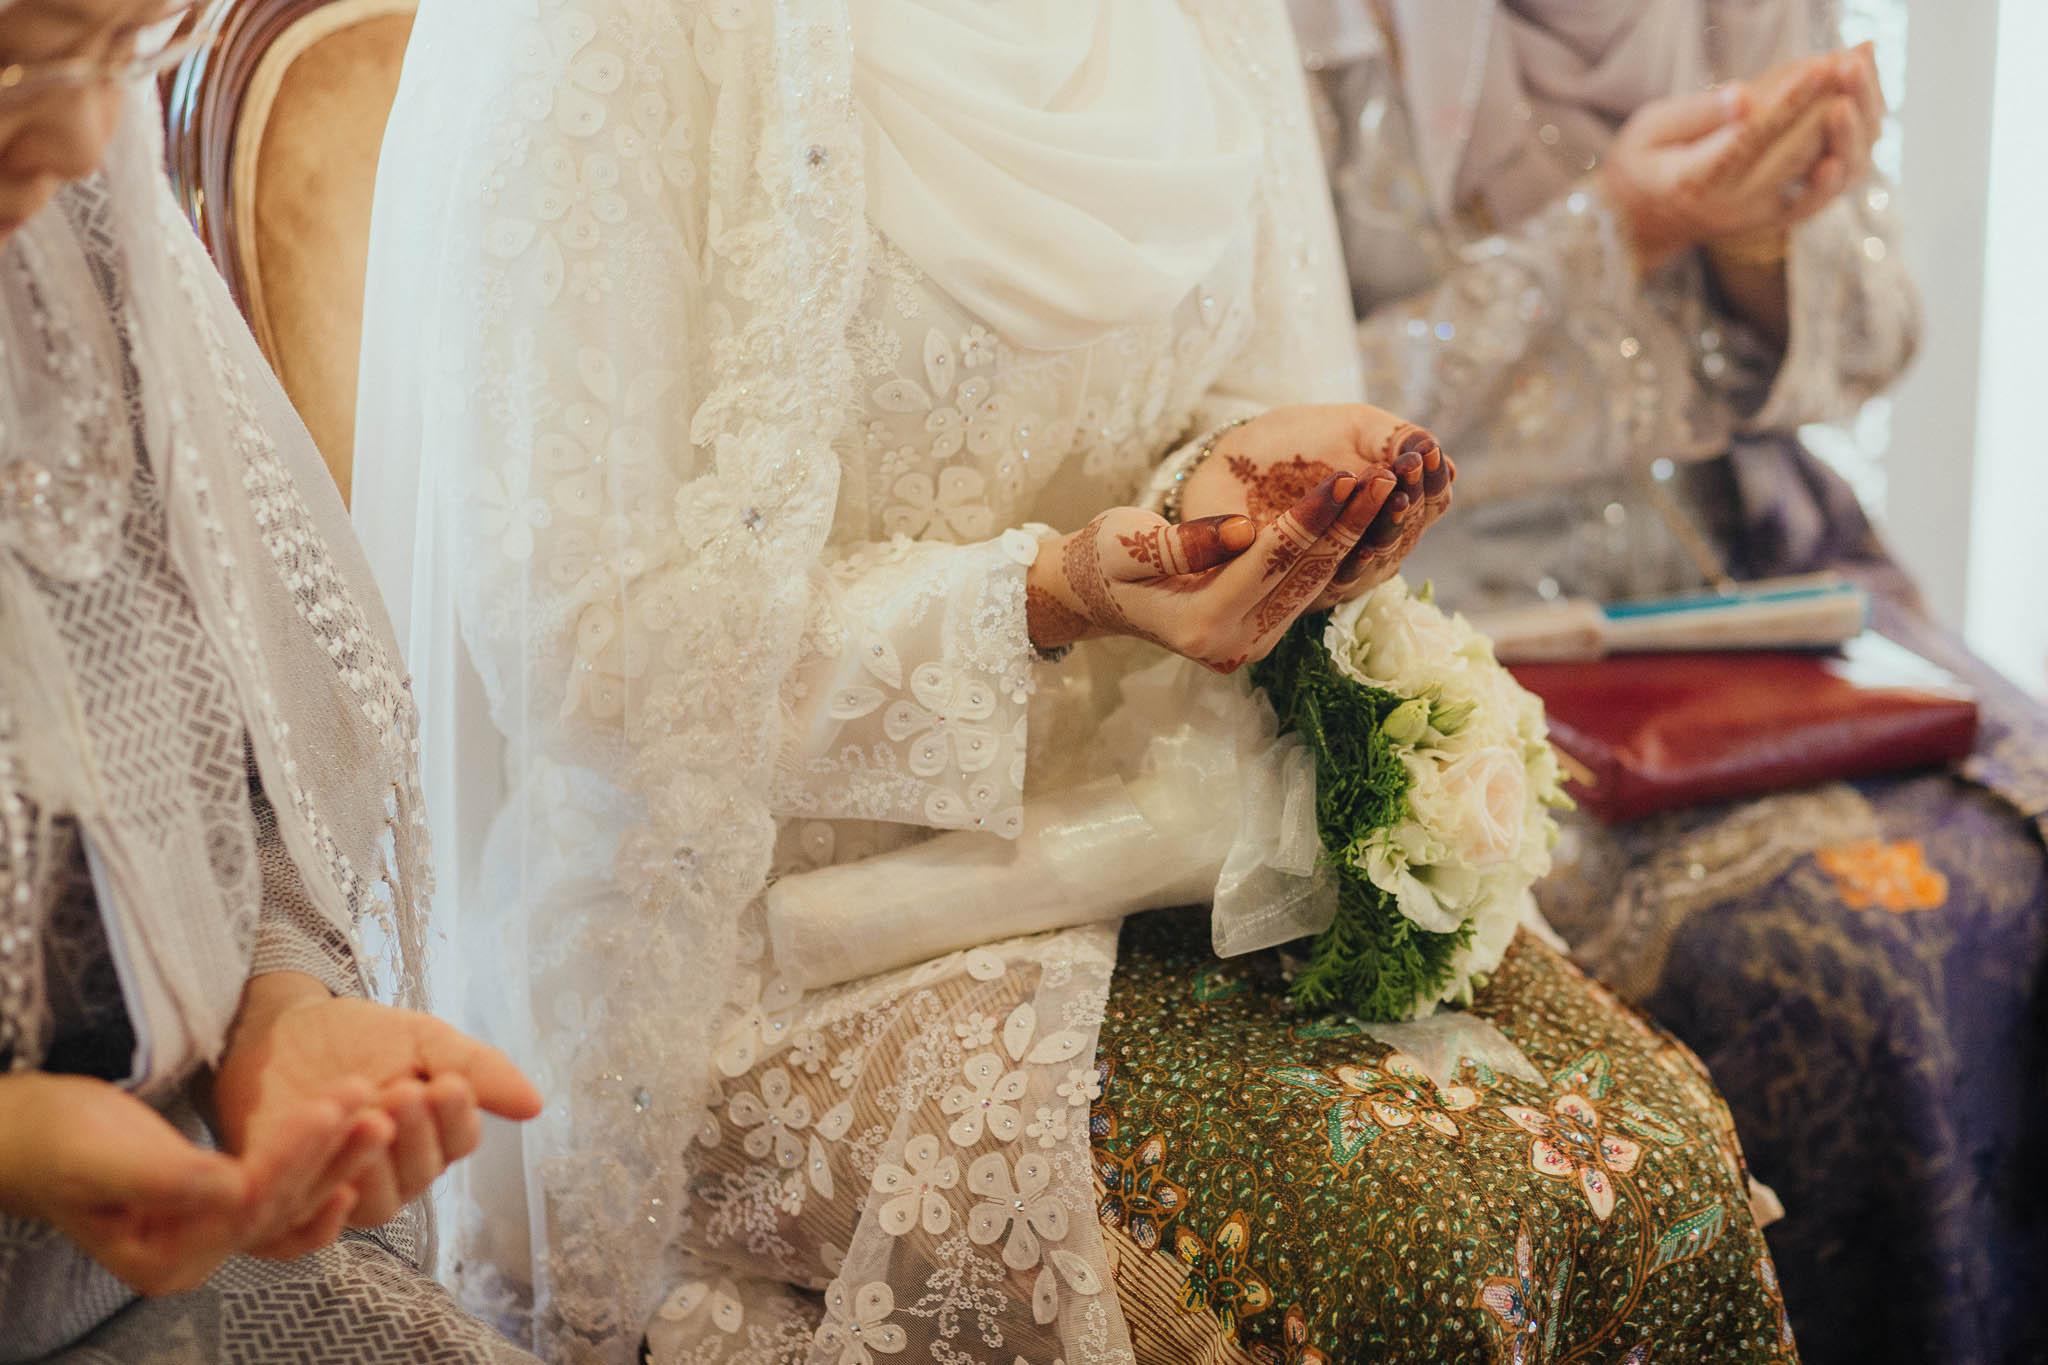 singapore-wedding-photographer-travel-wemadethese-atara-hafizah-18.jpg